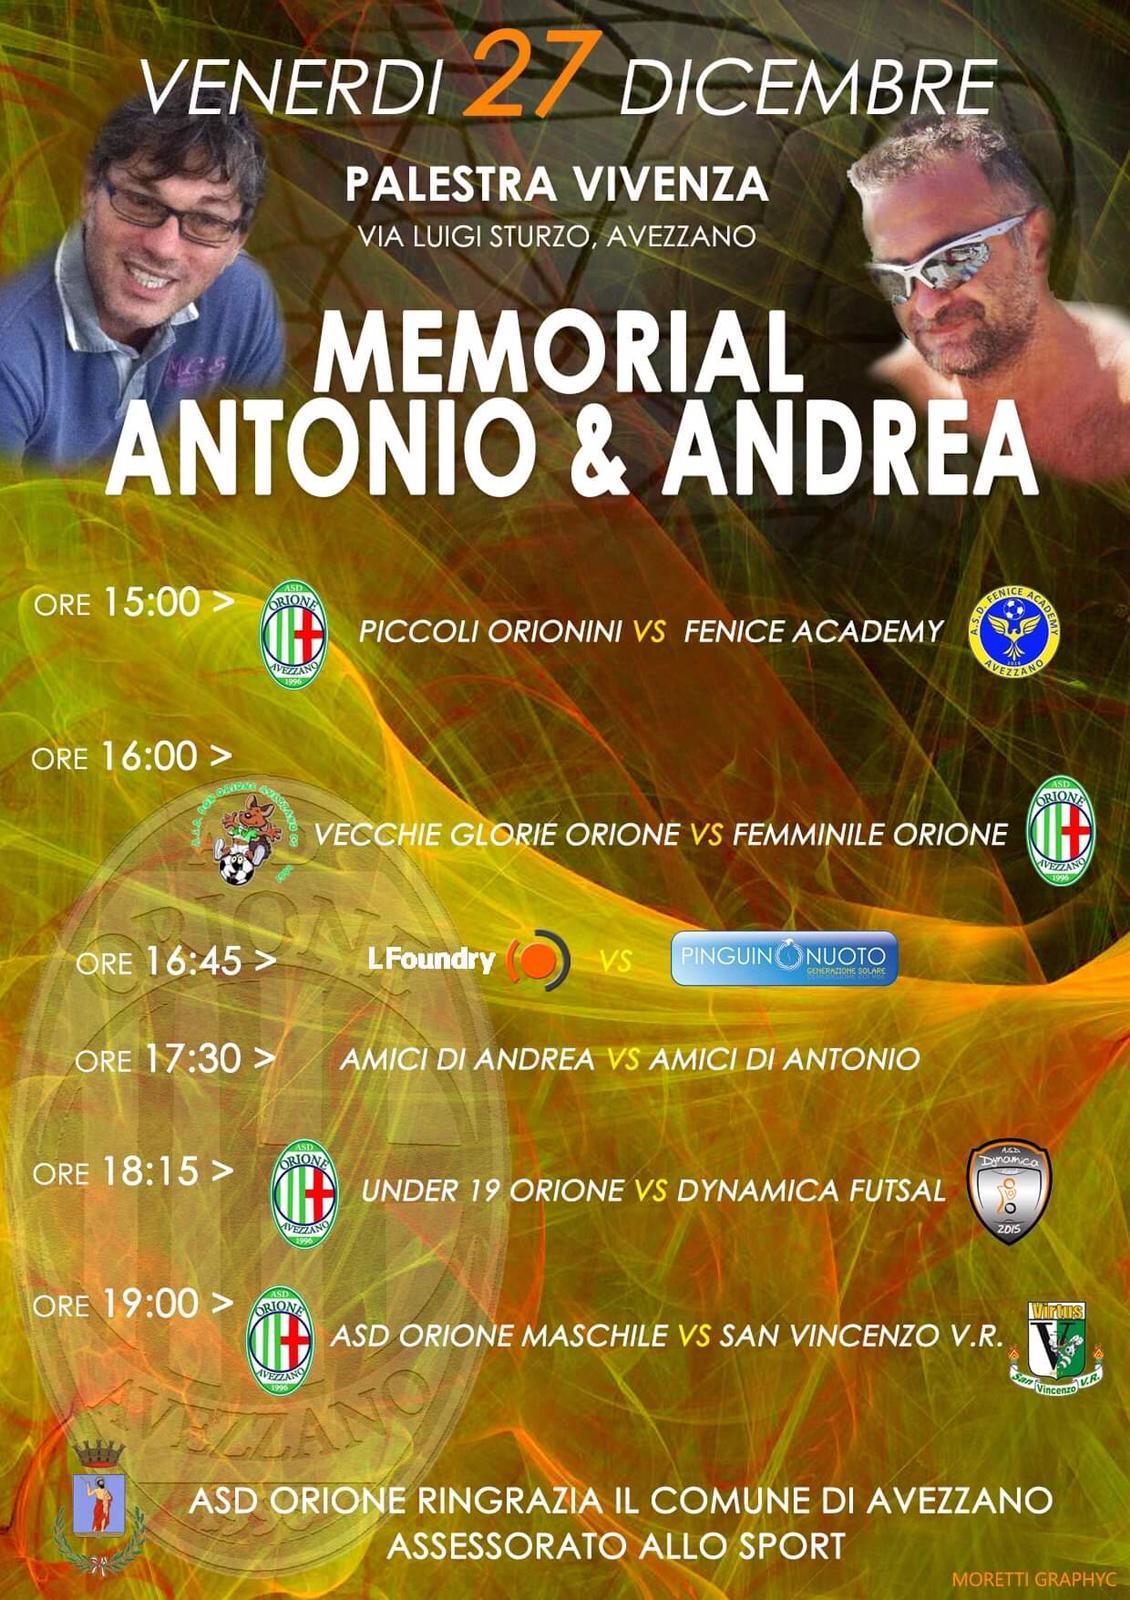 Memorial Antonio e Andrea presso la palestra Vivenza